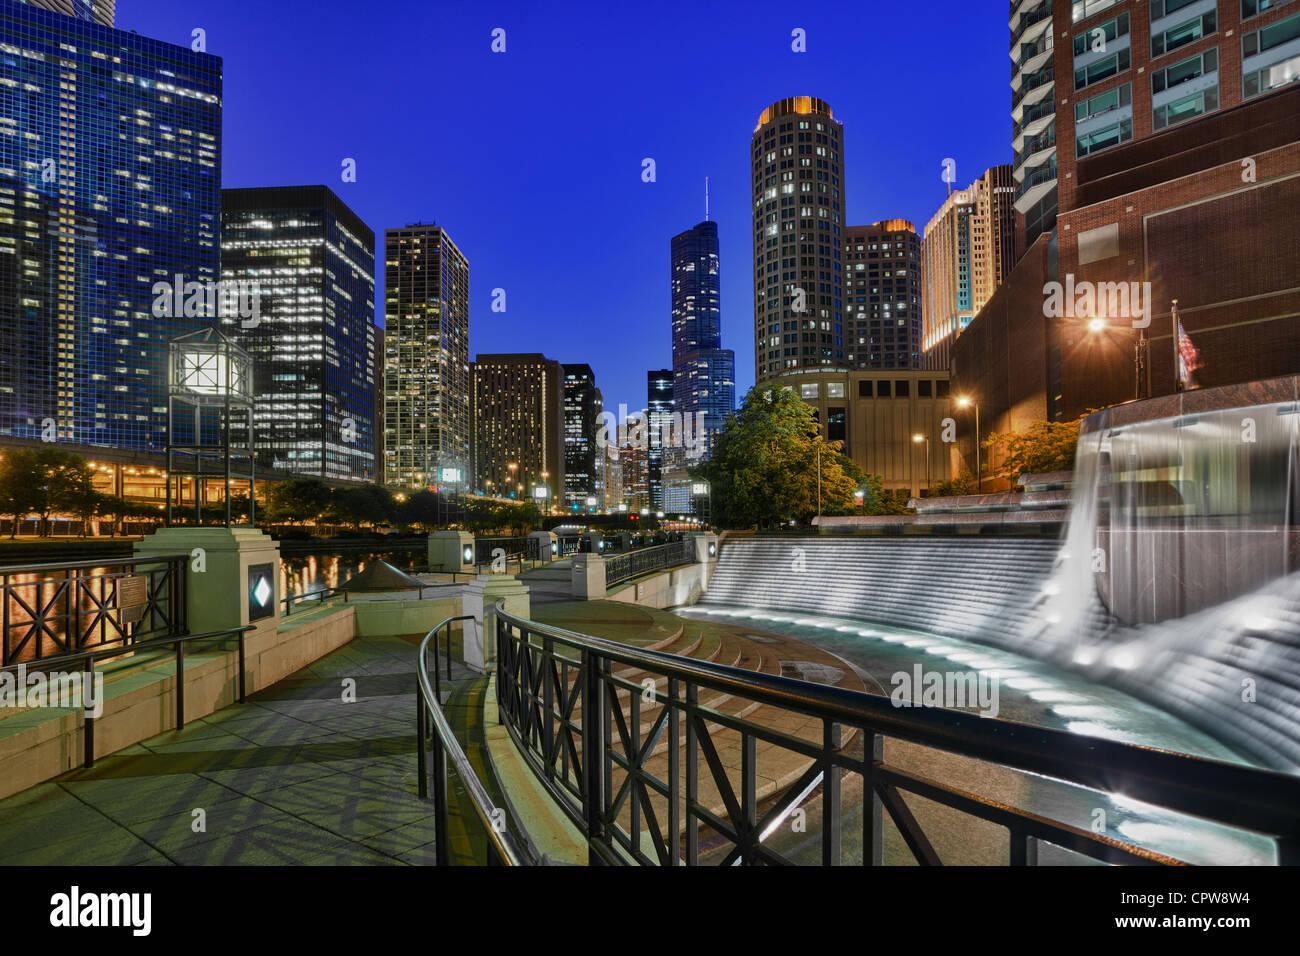 La ville de Chicago, courts de Nicholas J Melas Fontaine du Centenaire et la promenade sur la rivière Chicago Photo Stock